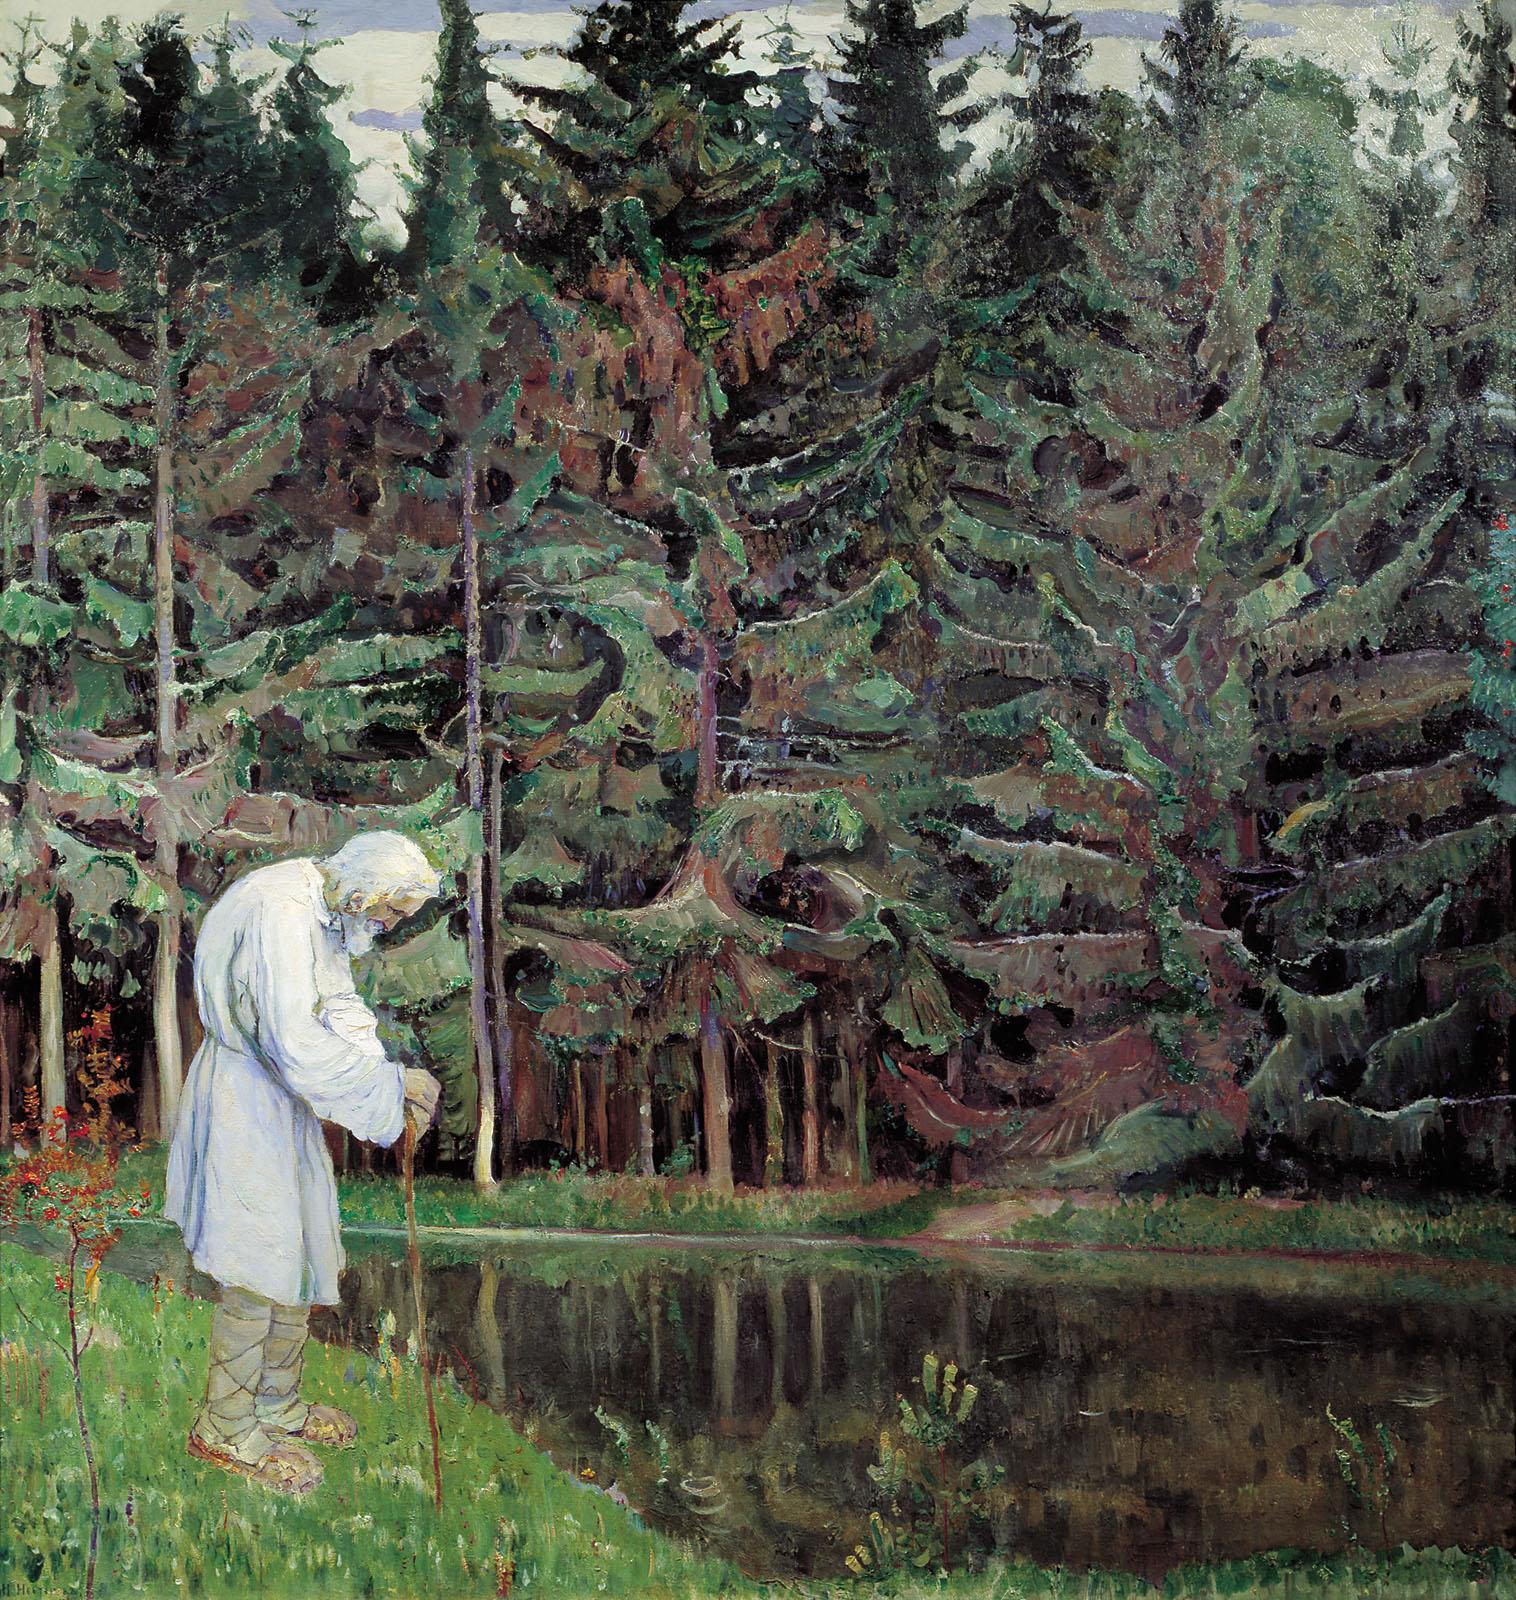 http://uploads6.wikipaintings.org/images/mikhail-nesterov/elder-abraham-the-servant-of-god-1914.jpg